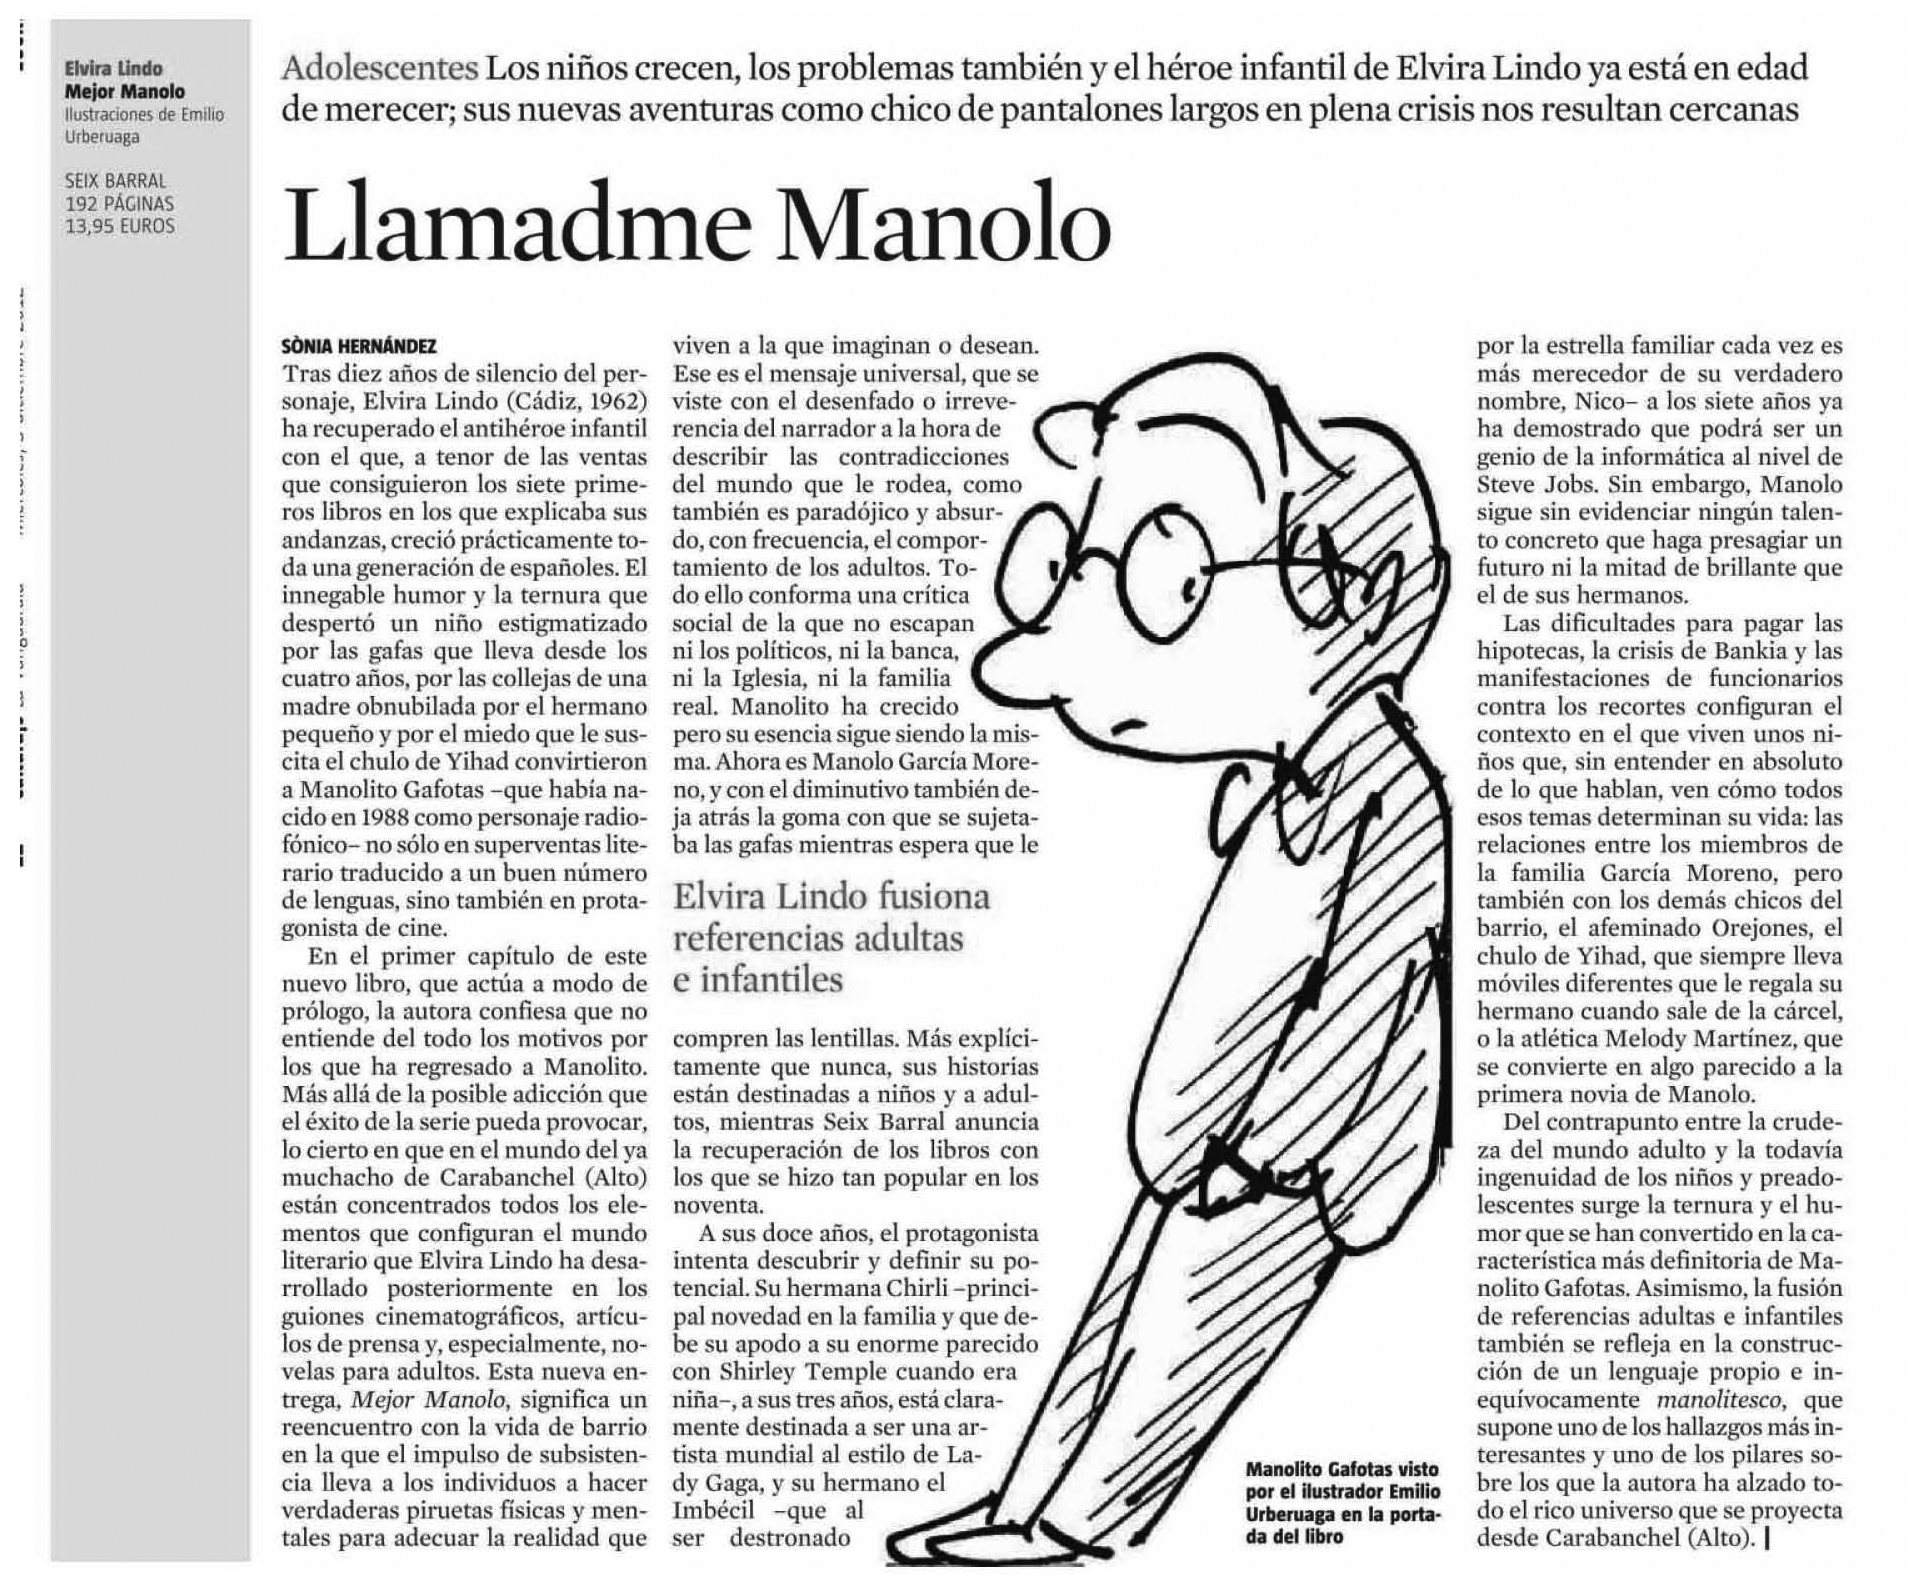 MANOLITO GAFOTAS MEJOR MANOLO DOWNLOAD